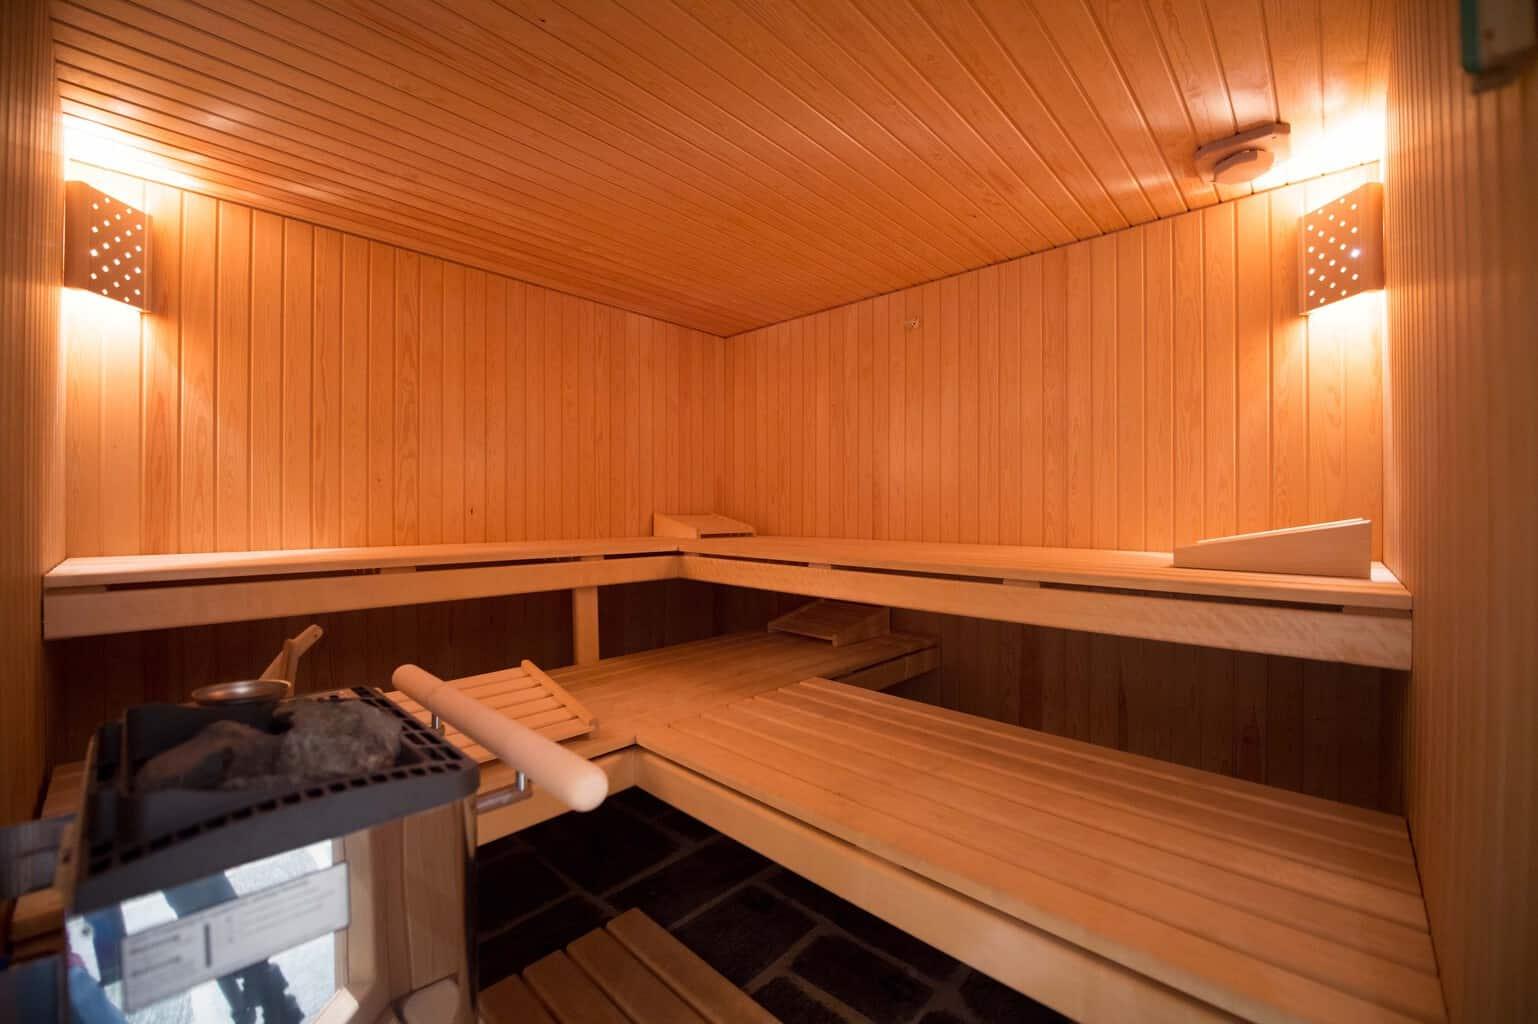 Sauna at Casa Prada